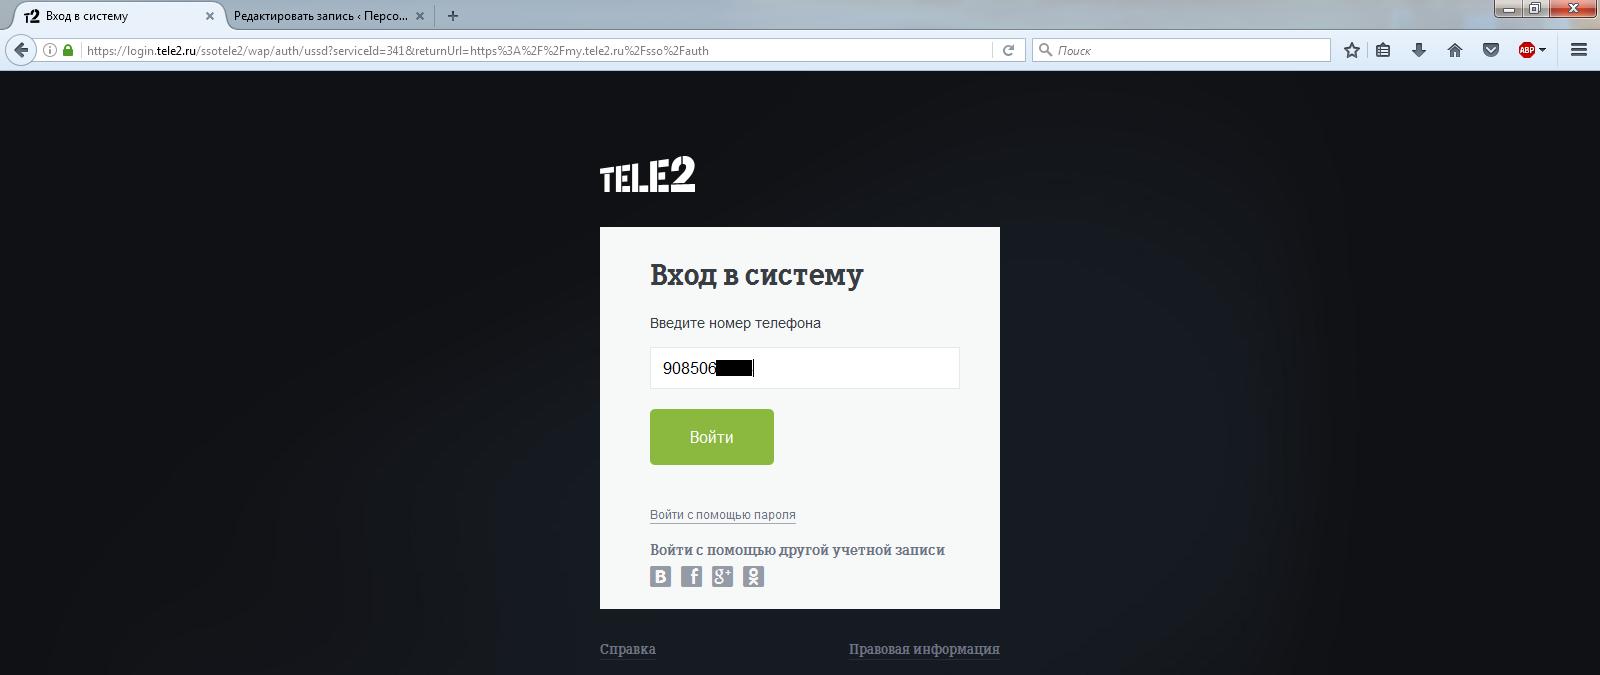 tele2-lk-vn